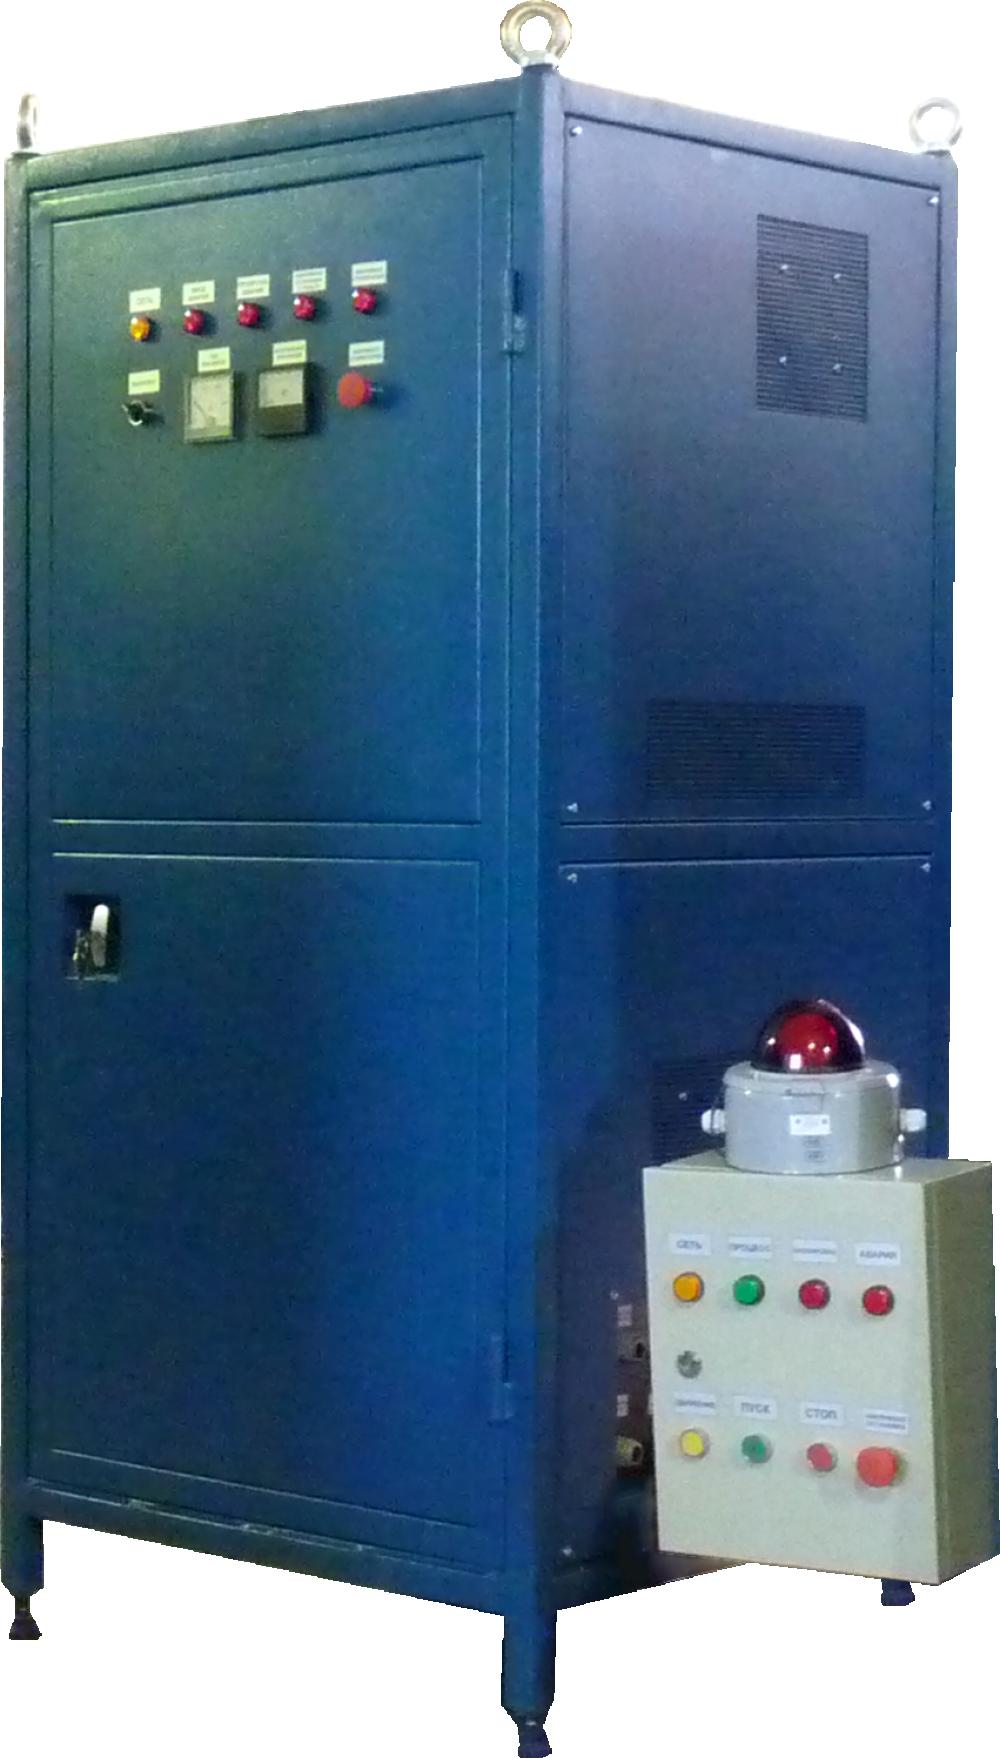 Комплекс ввода-вывода локомотивов из депо под низким напряжением из депо под низким напряжением с источником бортовой сети (10ДК.565311.001-01)